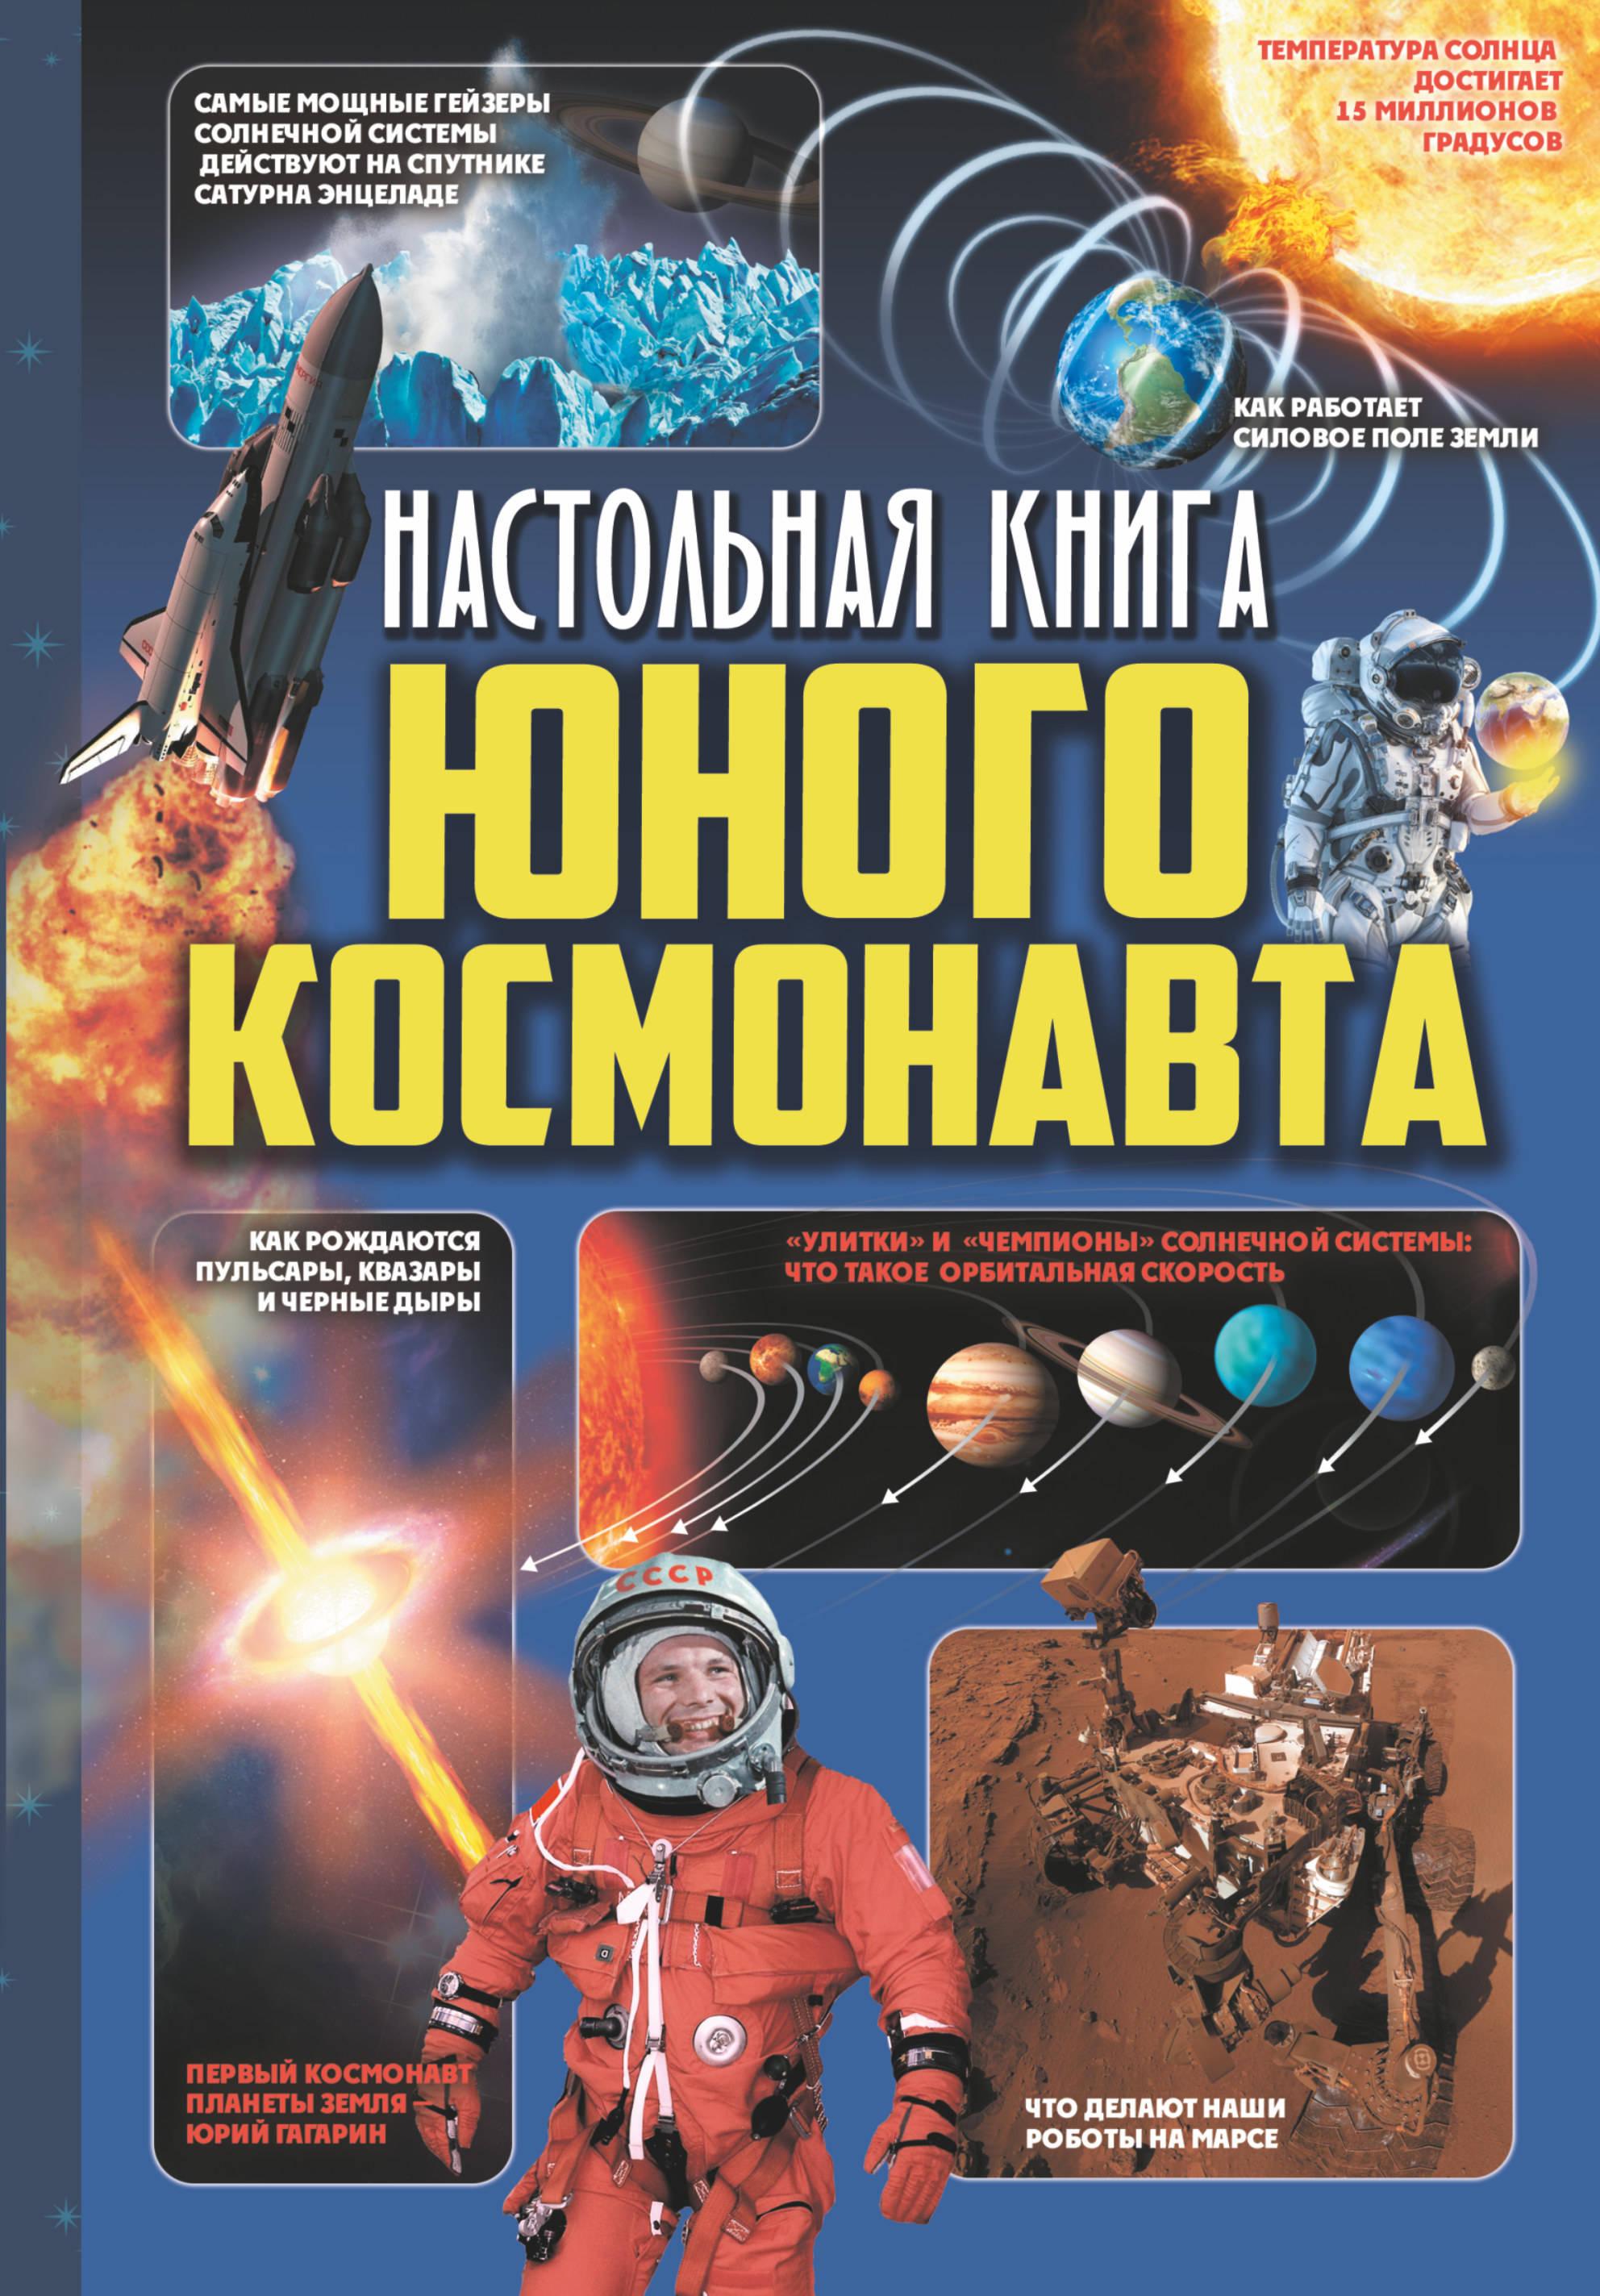 Купить со скидкой Настольная книга юного космонавта